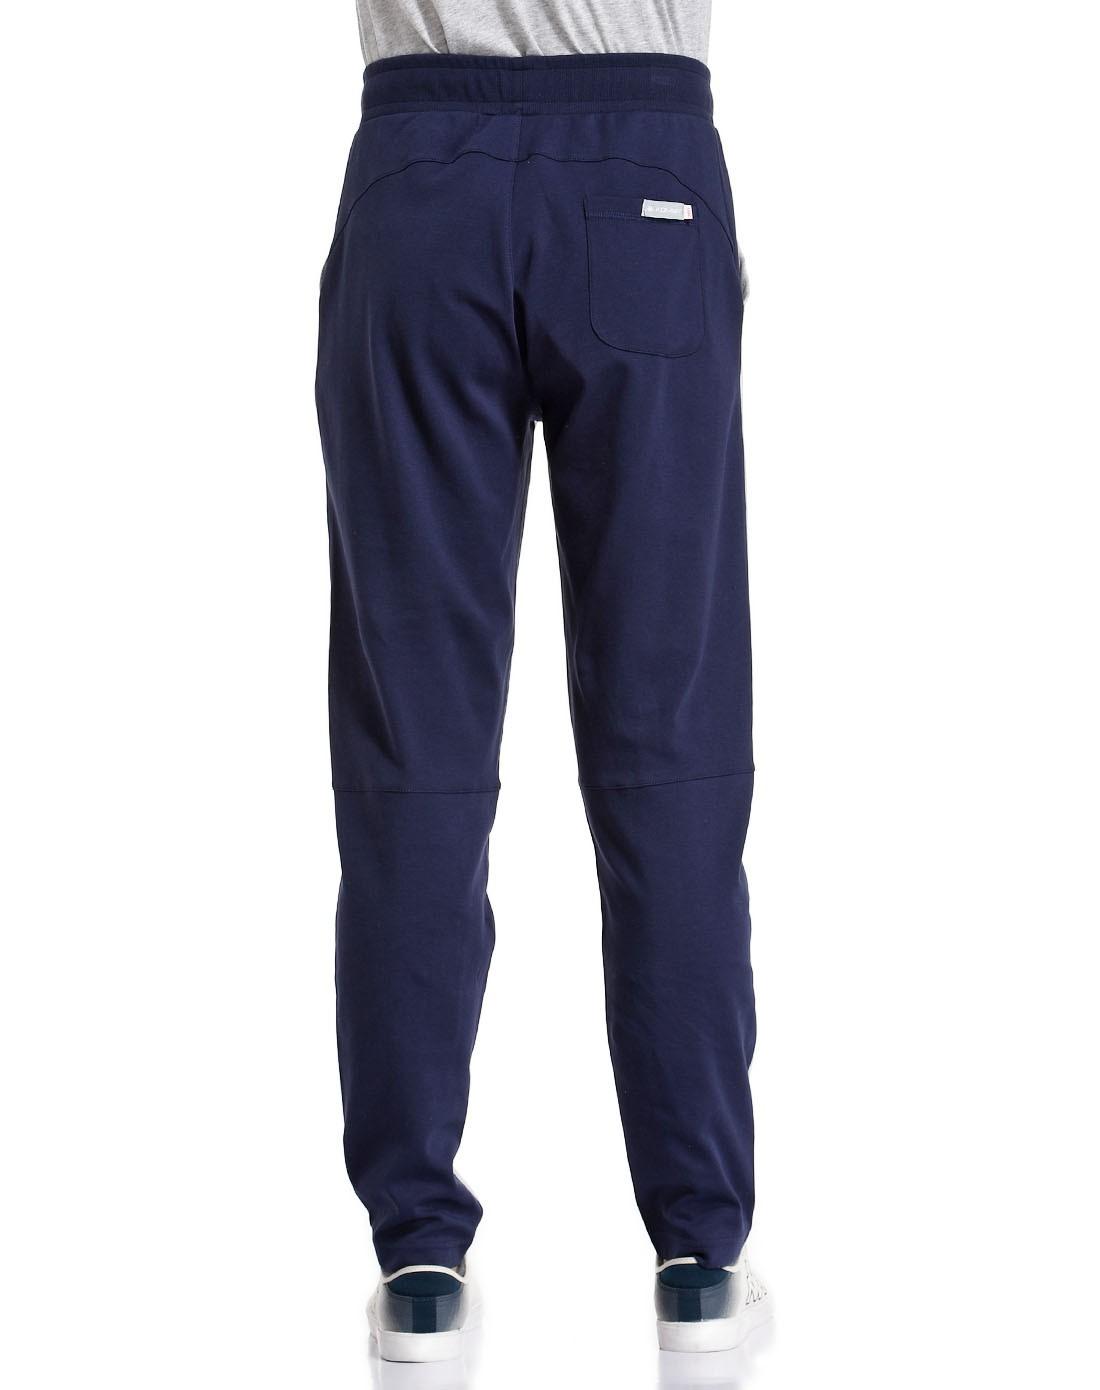 男款灰配深蓝色长裤